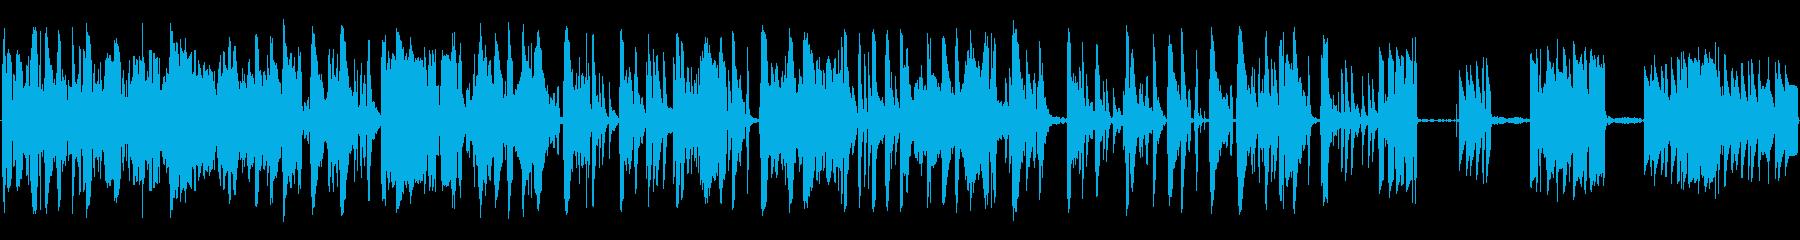 信号コードSci Fiバンパー反転の再生済みの波形